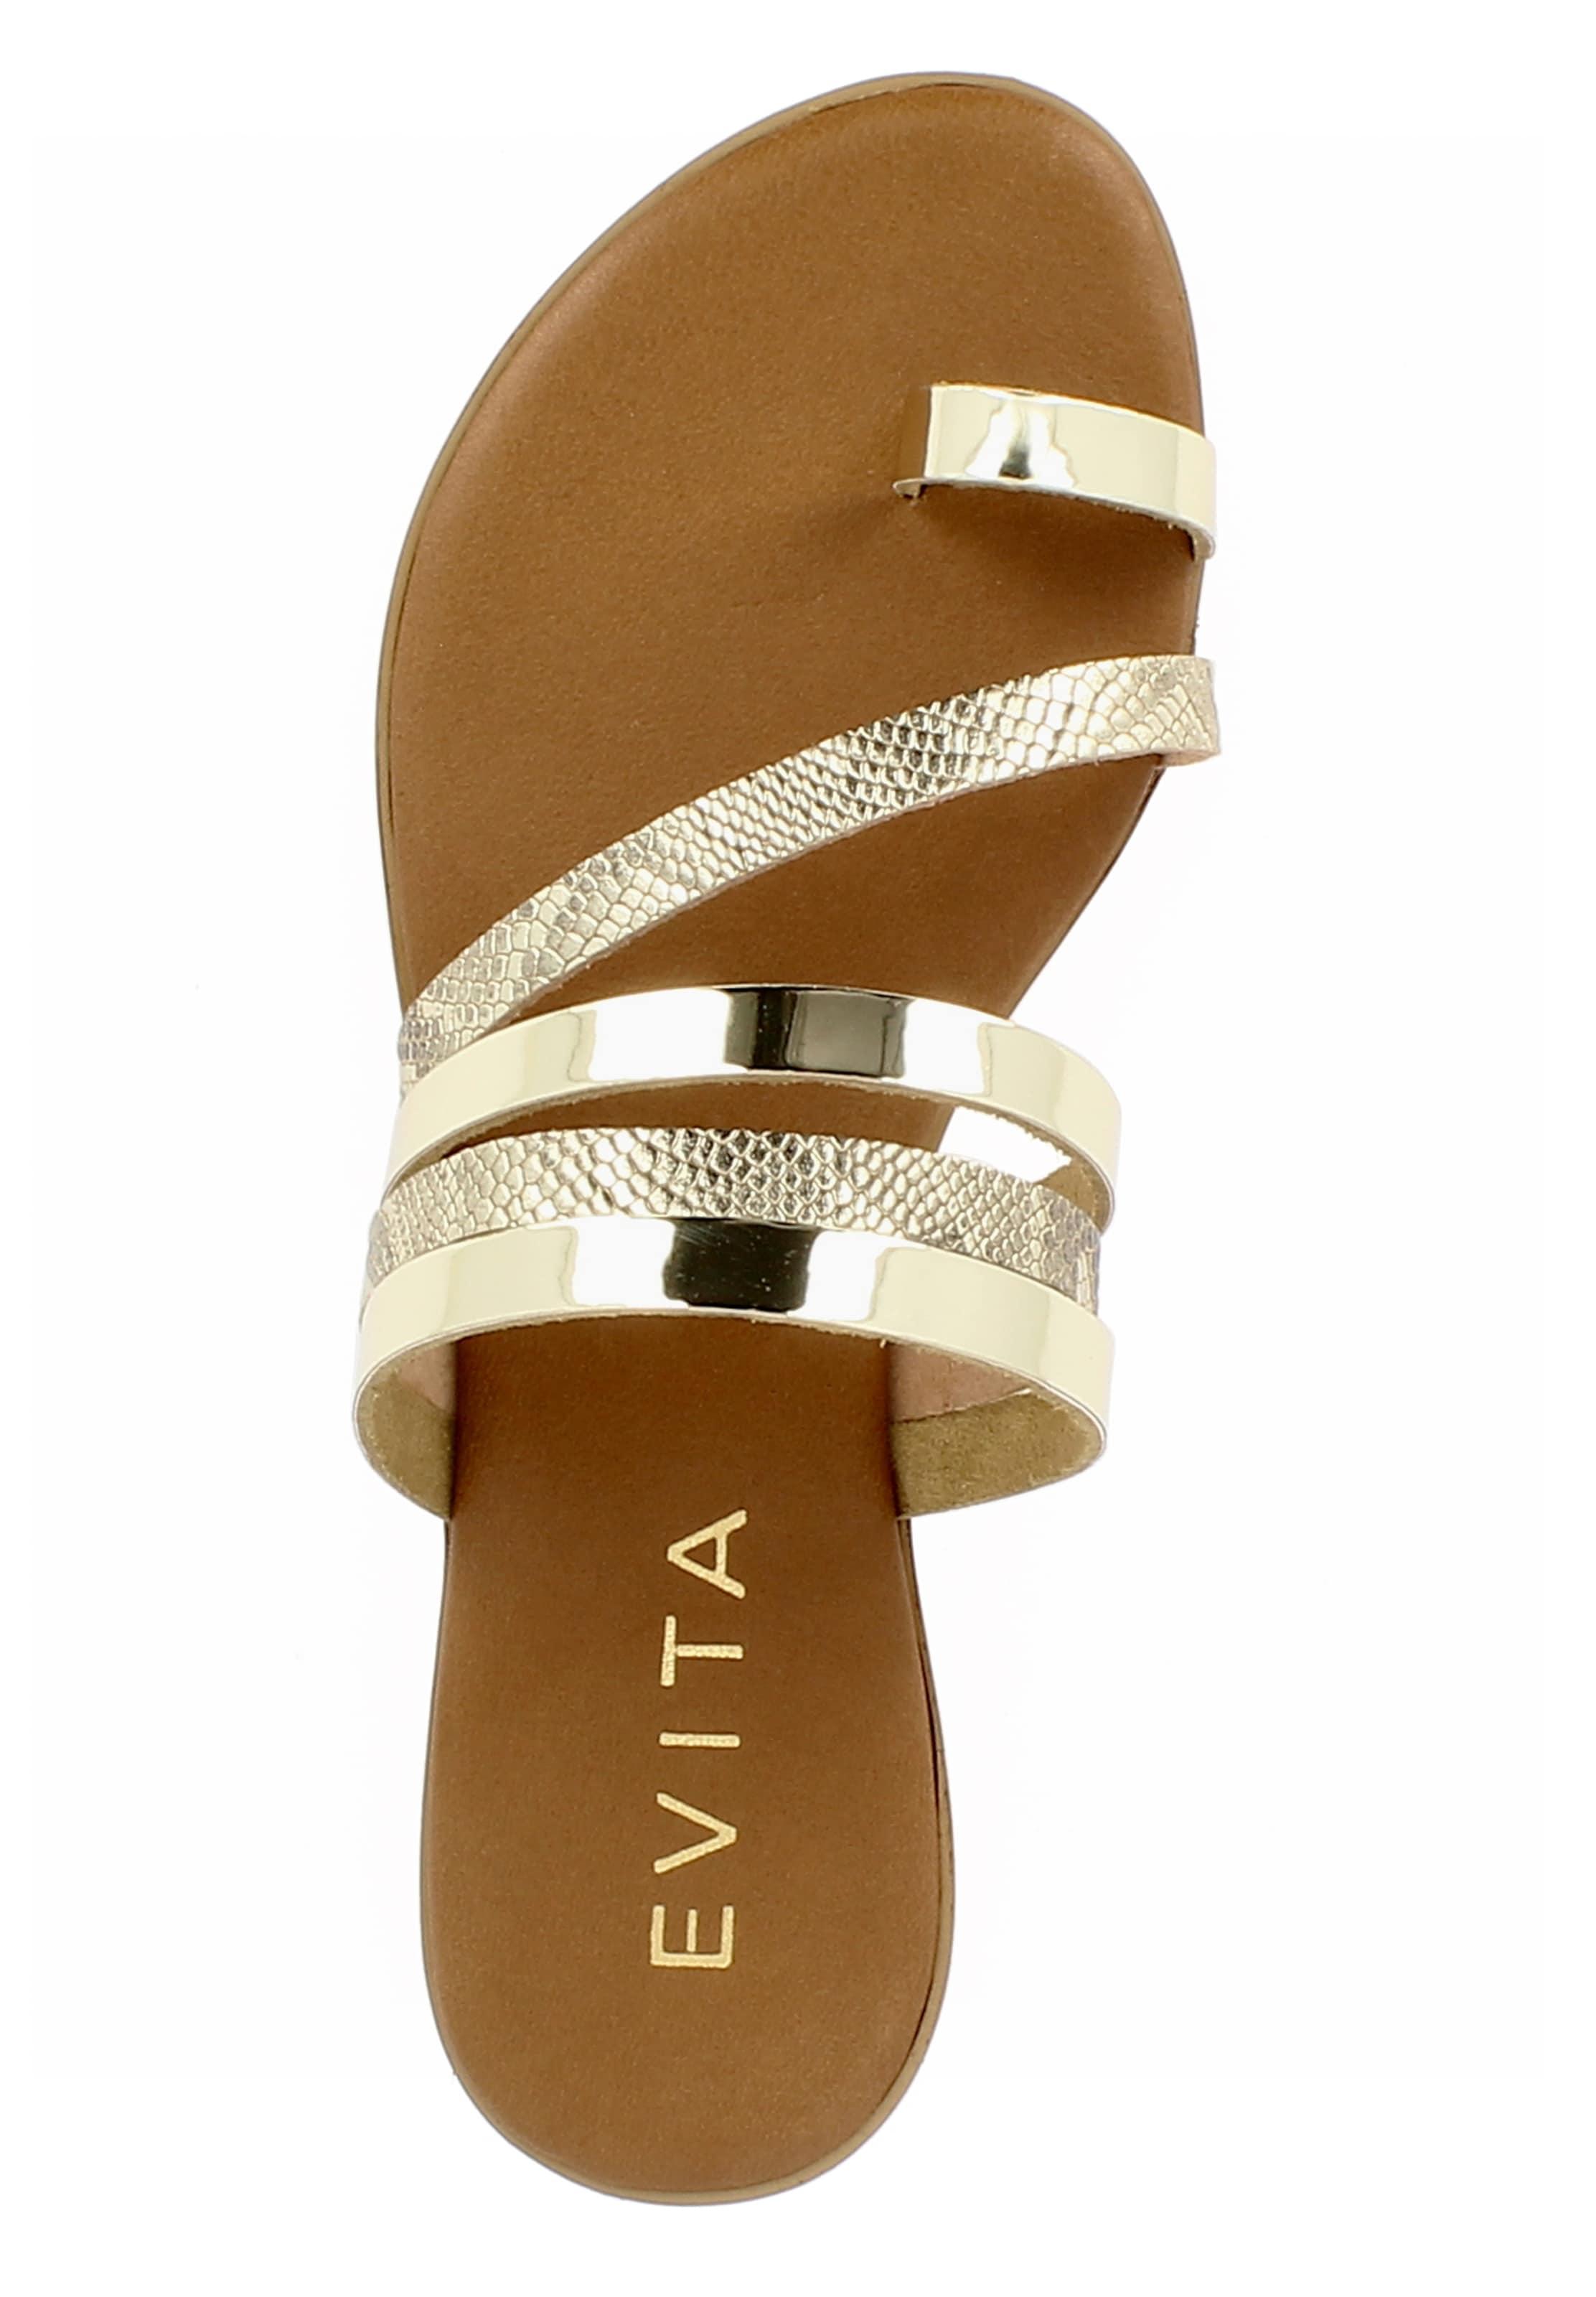 Sandales Evita En Evita Or En En Or Sandales Sandales Or Evita Evita jL3R54qA